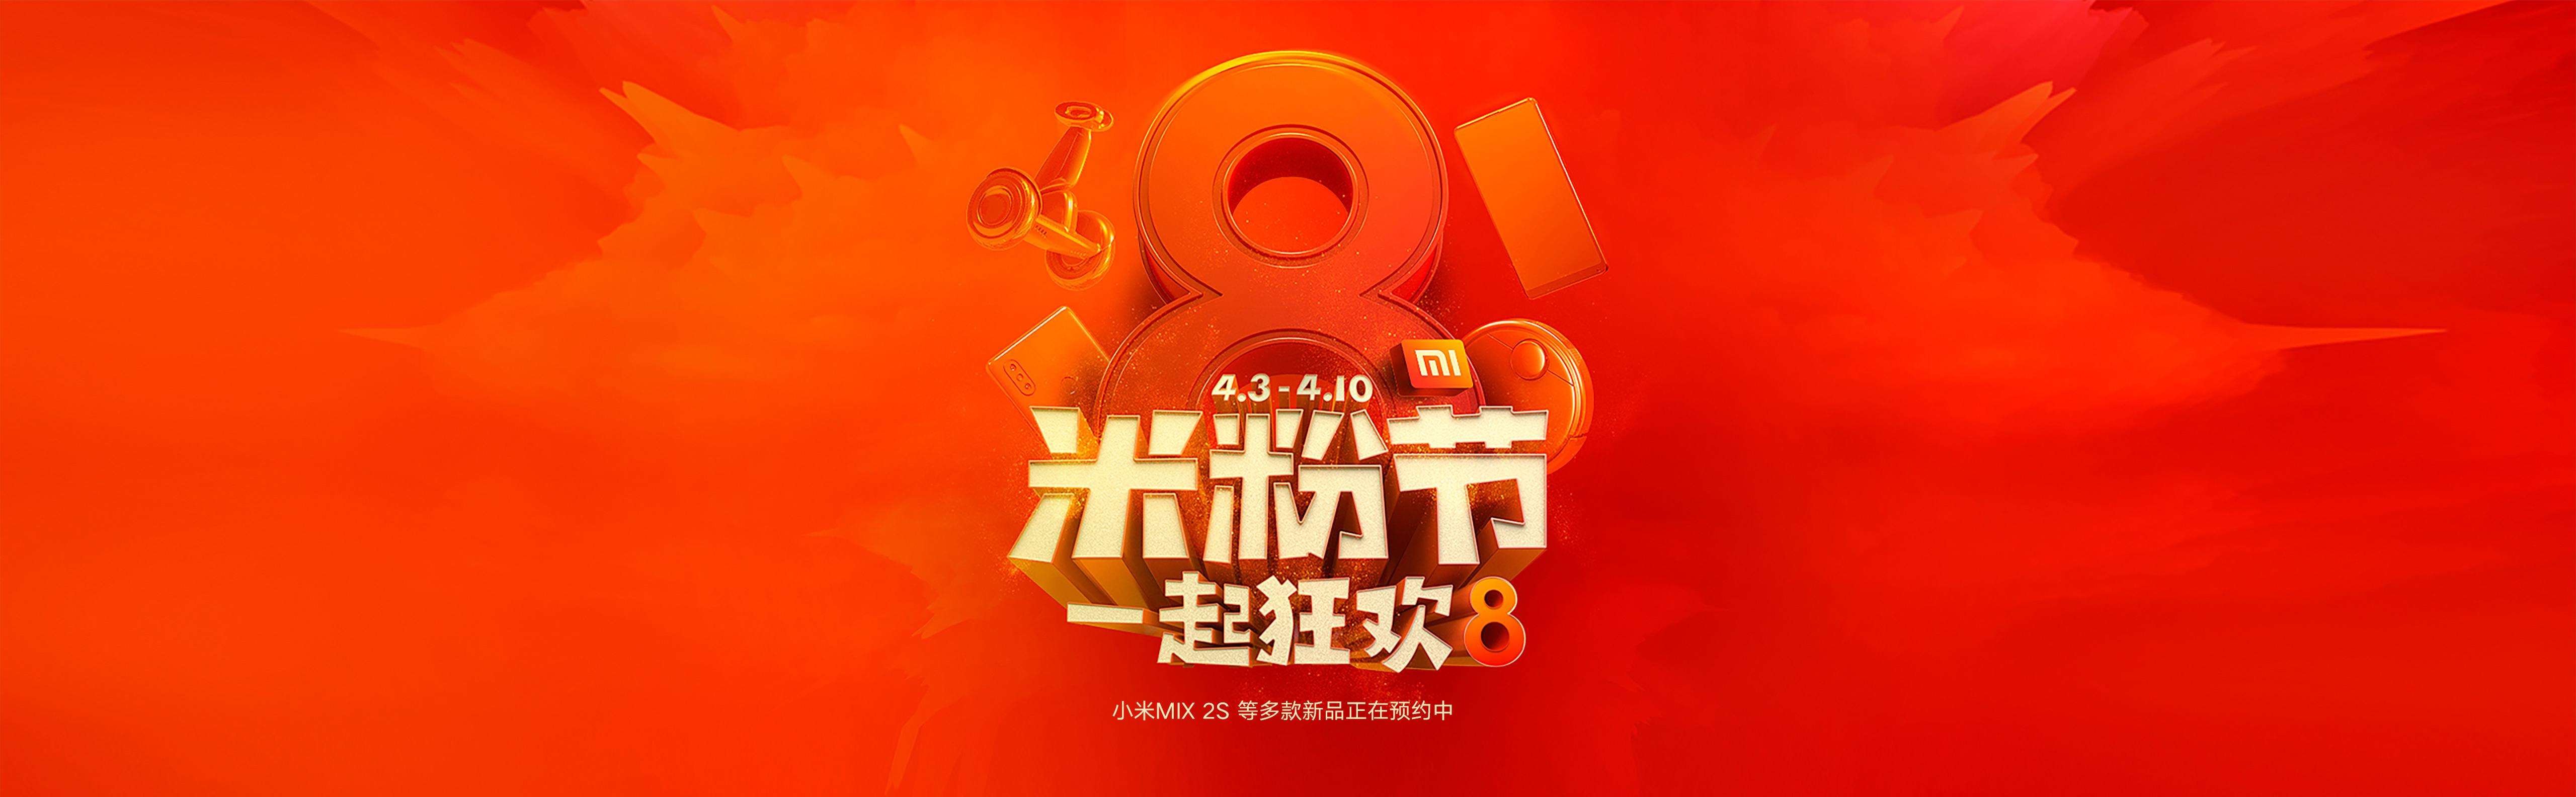 小米官网 小米商城 米粉节8周年 小米MIX 2S等多款新品正在预约